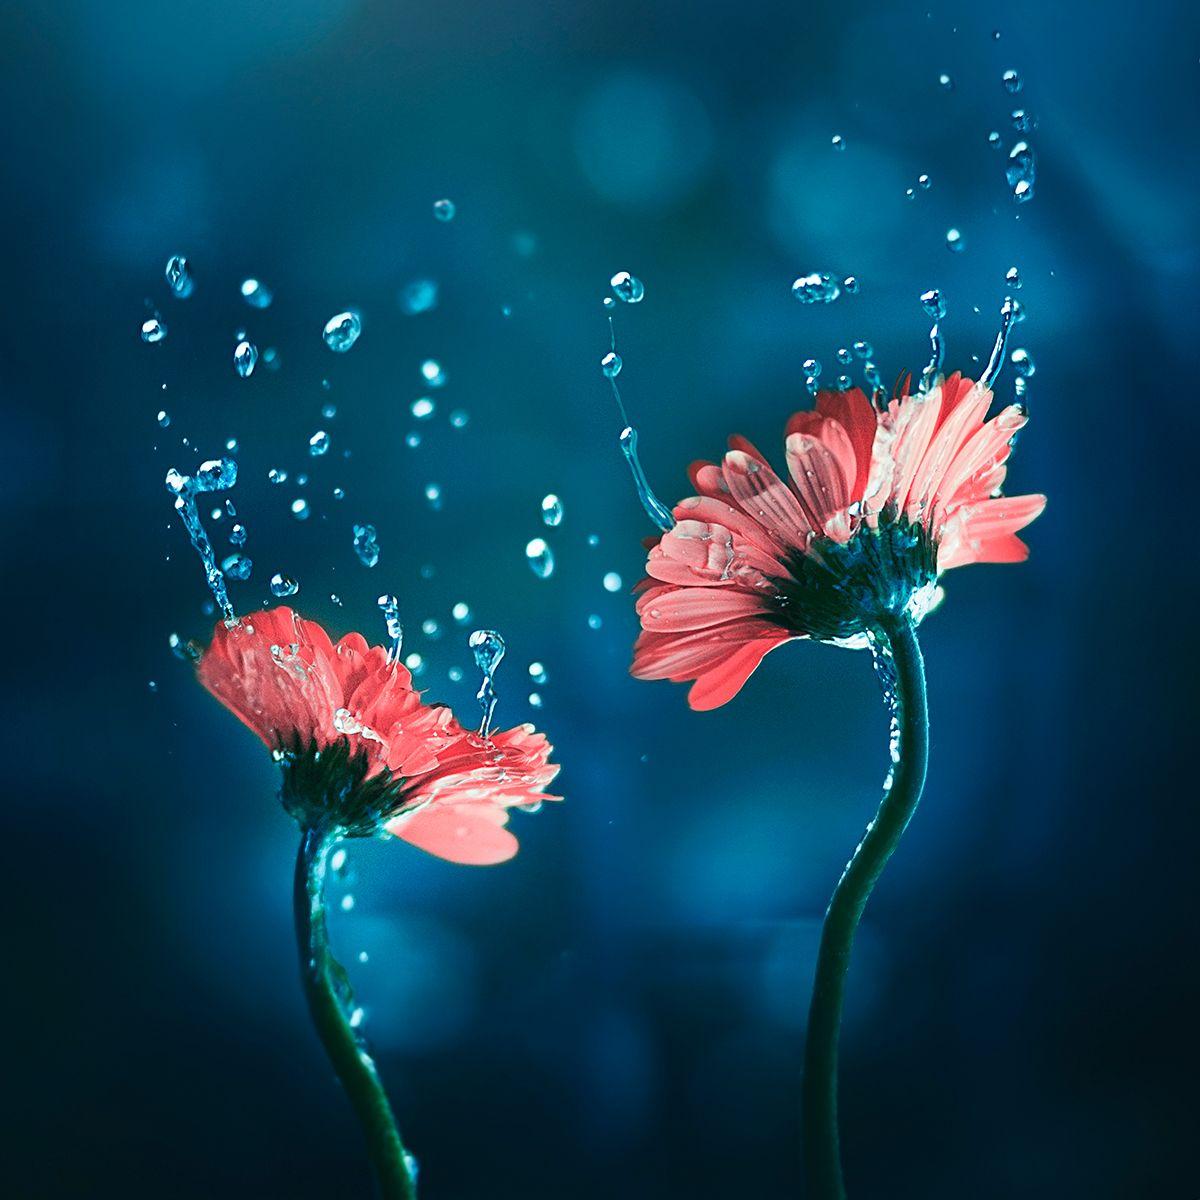 Resultado de imagen para gotas de agua impresionista